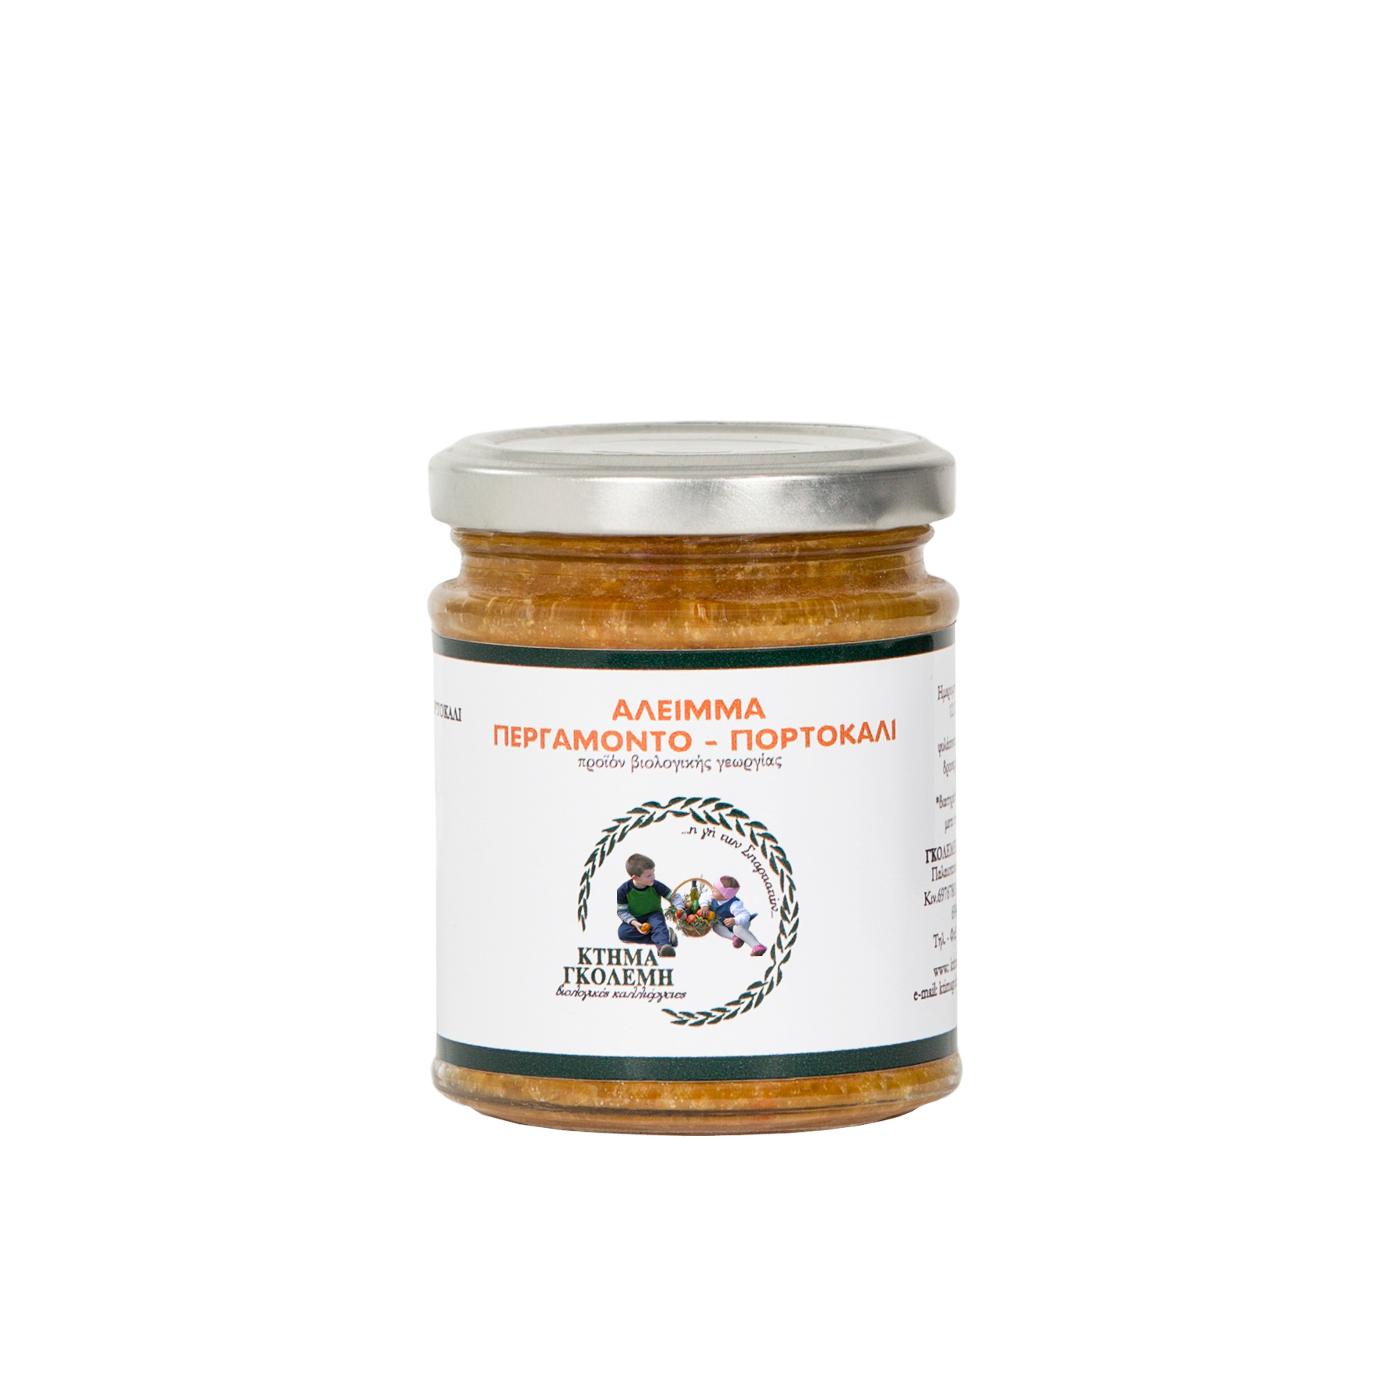 Άλειμμα Περγαμόντο-Πορτοκάλι